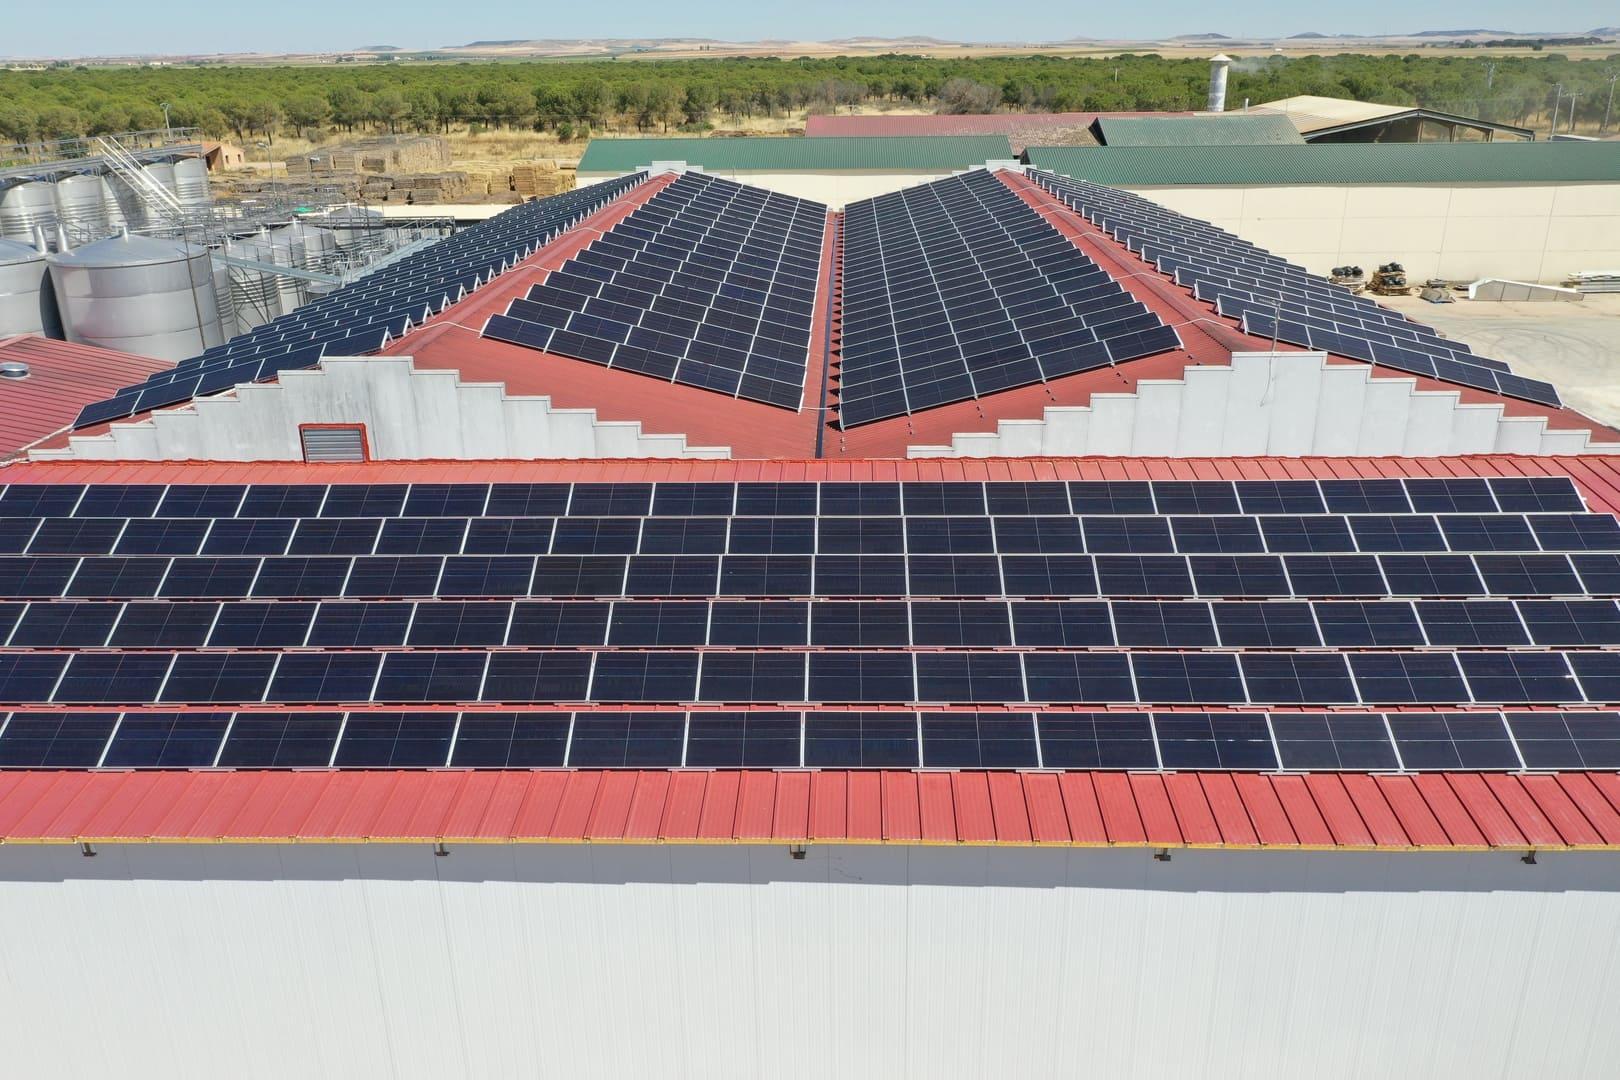 Instalacion de autoconsumo fotovoltaico en Bodega Copaboca - Valladolid - EDF Solar